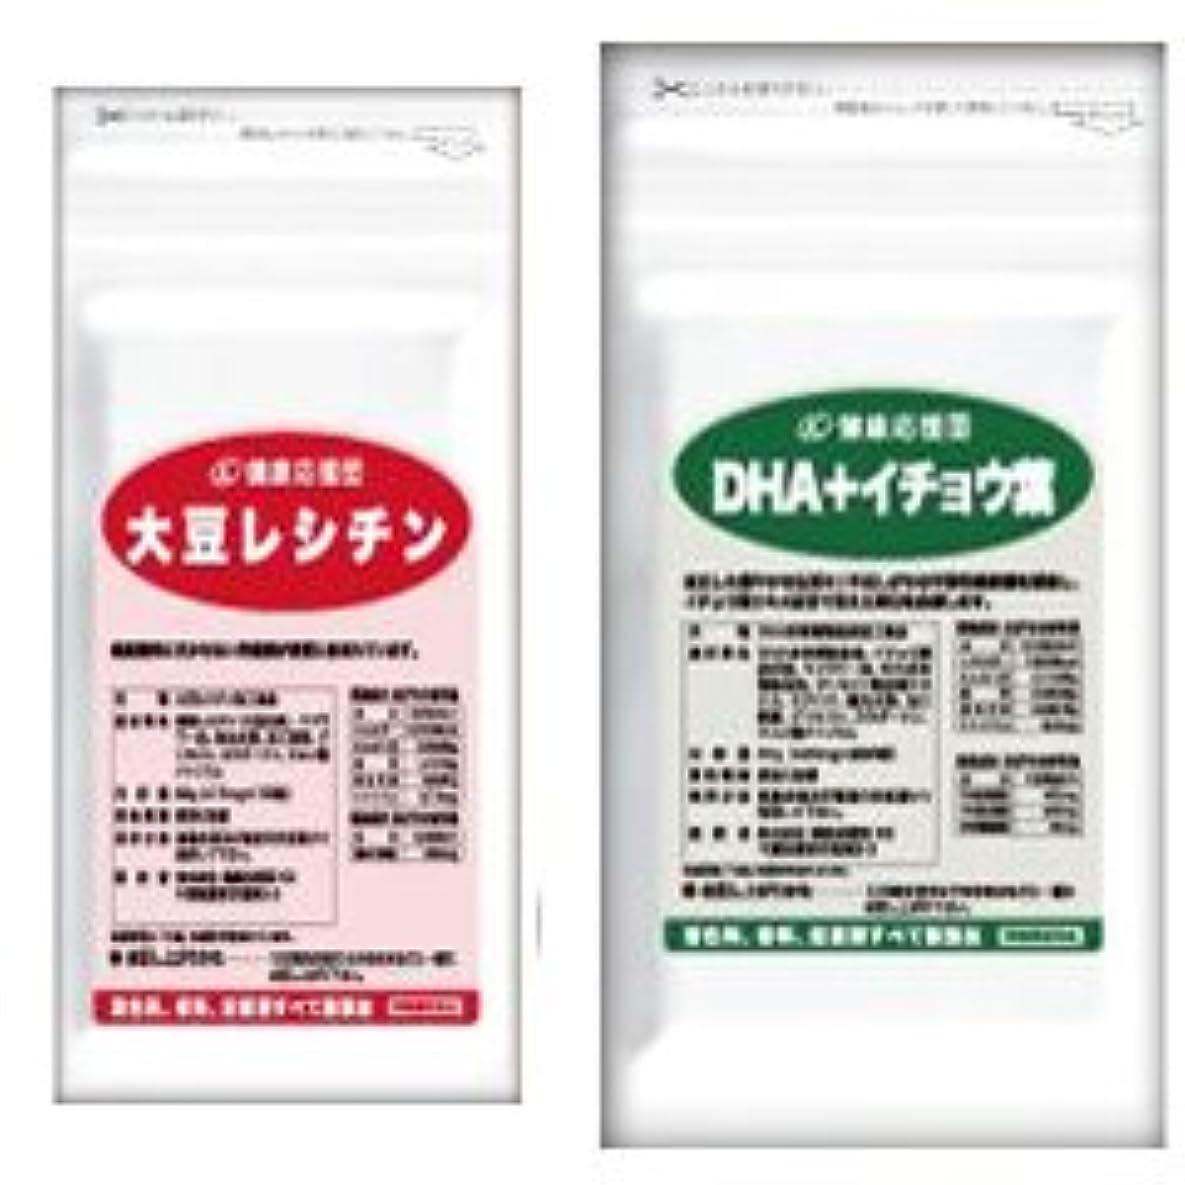 切る振る難民(お徳用3か月分)流れサラサラセット 大豆レシチン+(DHA+イチョウ葉)3袋&3袋セット(DHA?EPA?イチョウ葉)